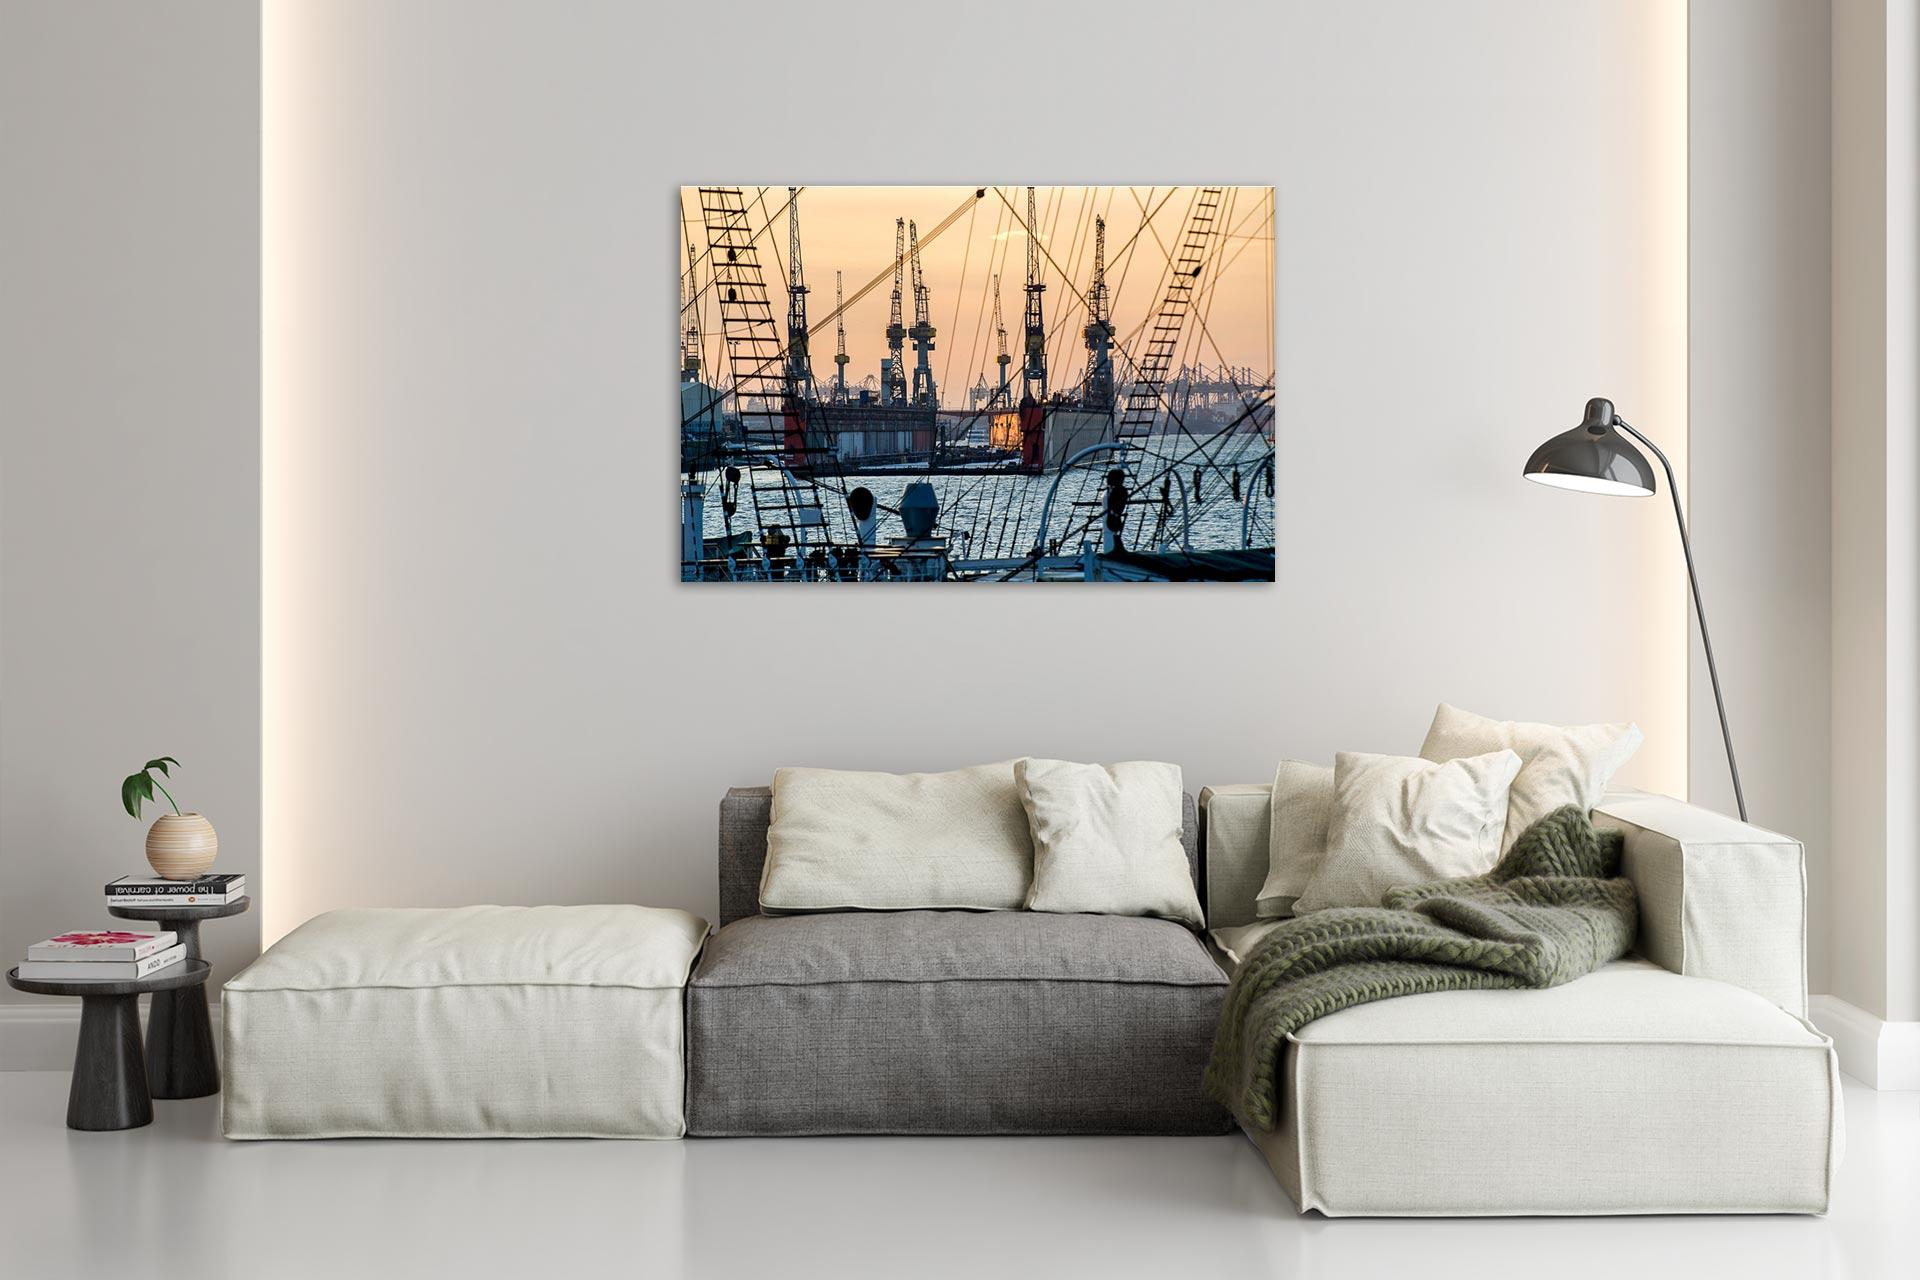 LCW156-tauwerk-wandbild-bild-auf-leinwand-acrylglas-aludibond-wohnzimmer